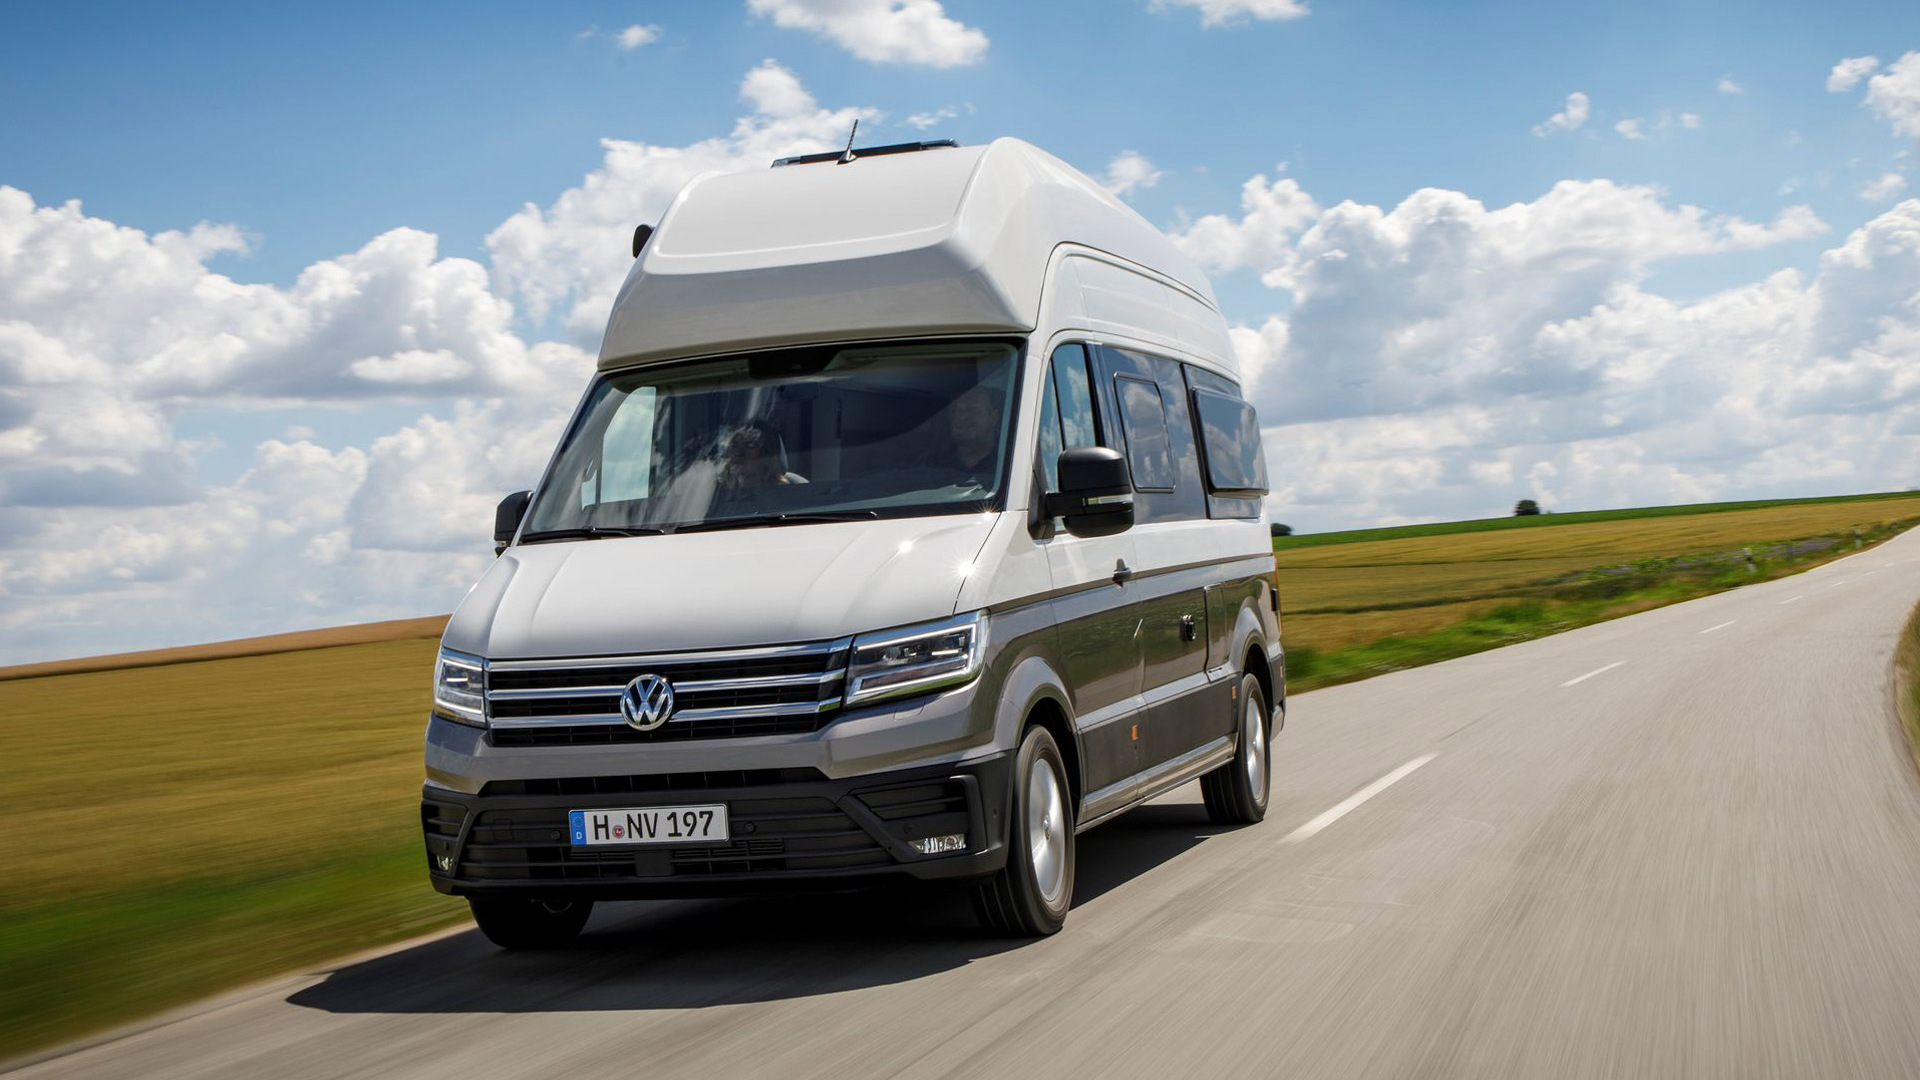 2019 Volkswagen Grand California